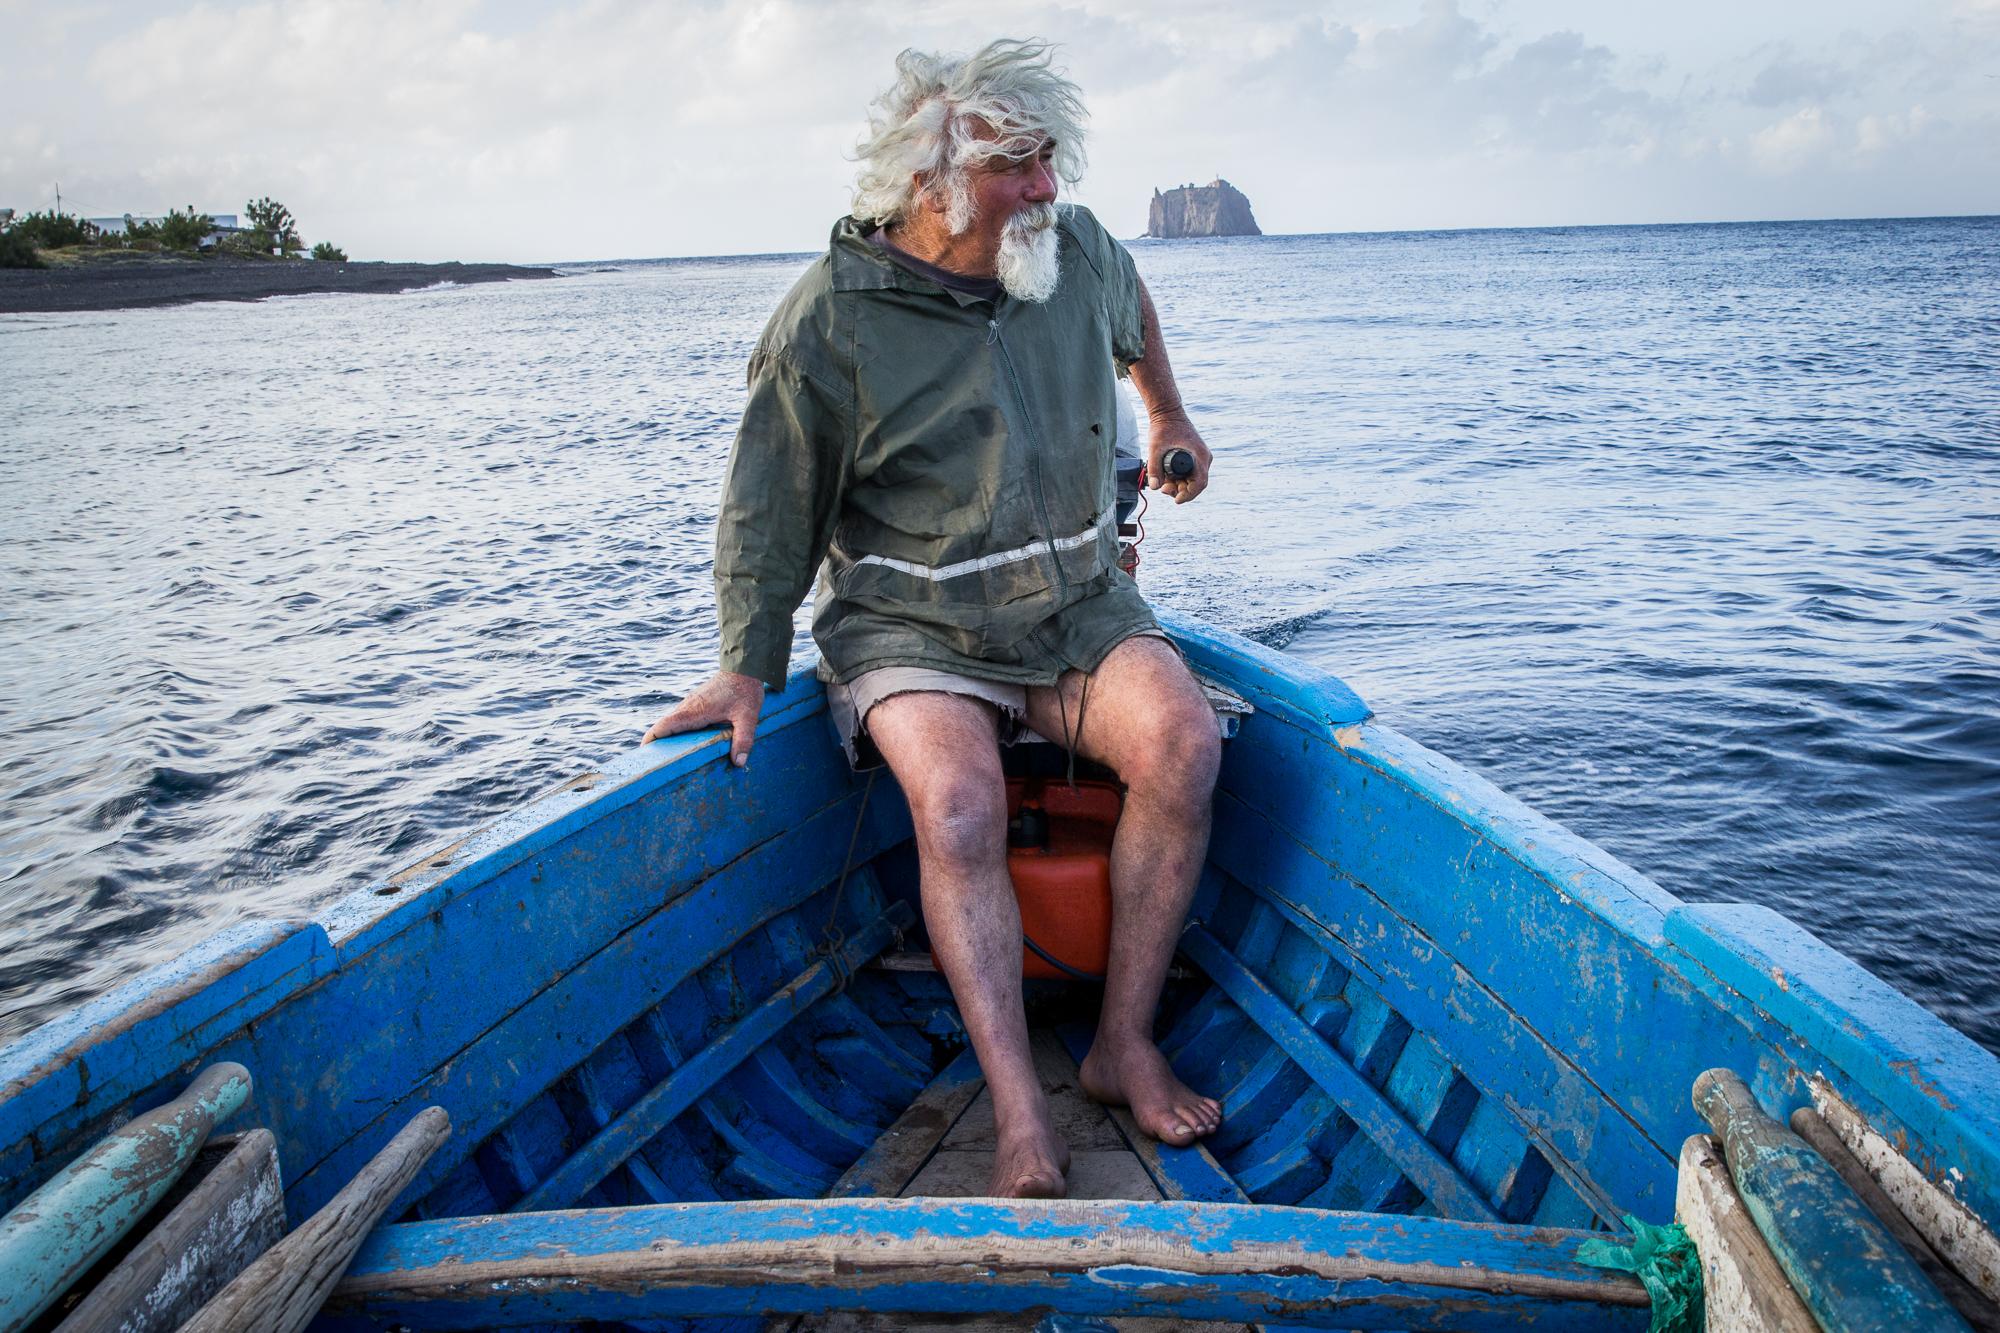 Gaetano in the boat